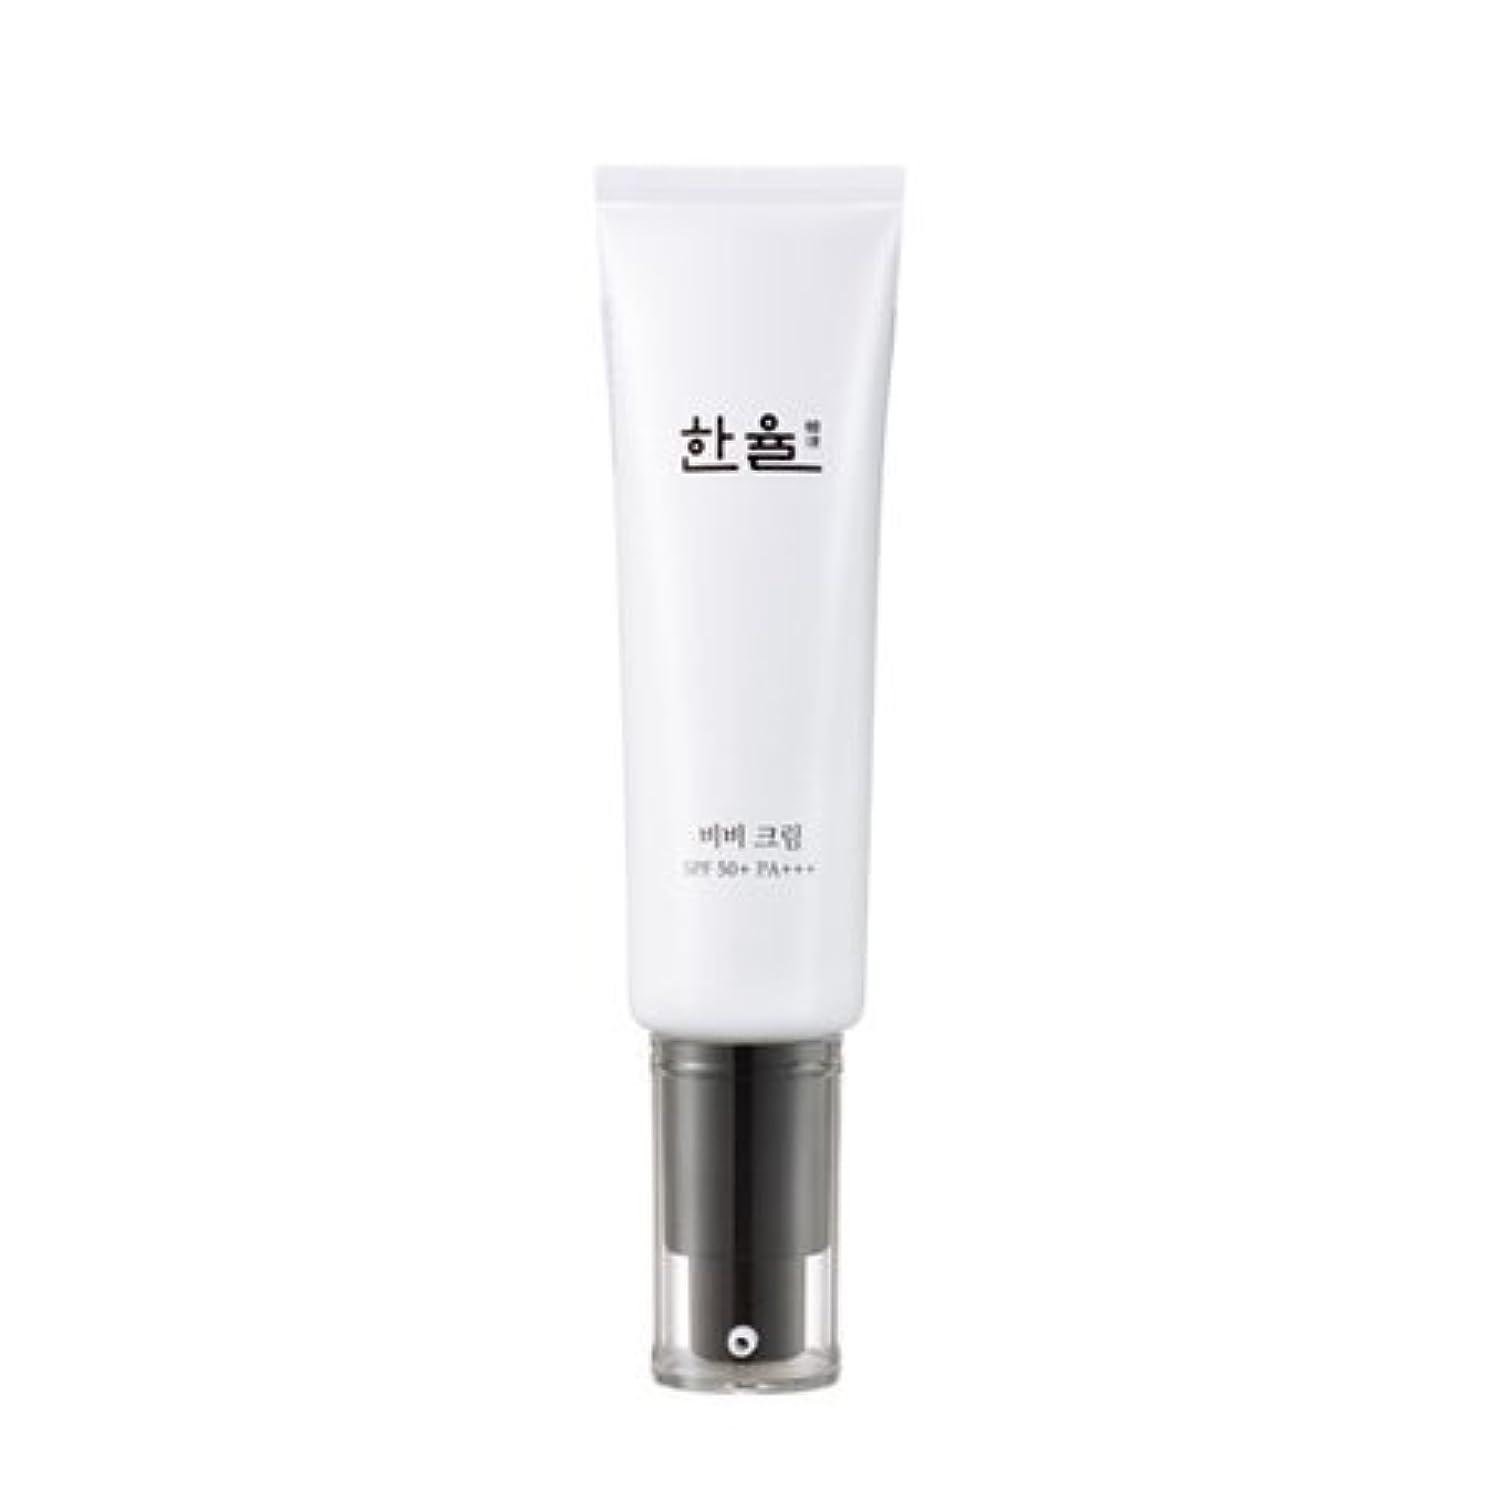 乱暴な精算無線[HANYUL] BB Cream SPF 50+/pa+++ (#02 Soft Beige)